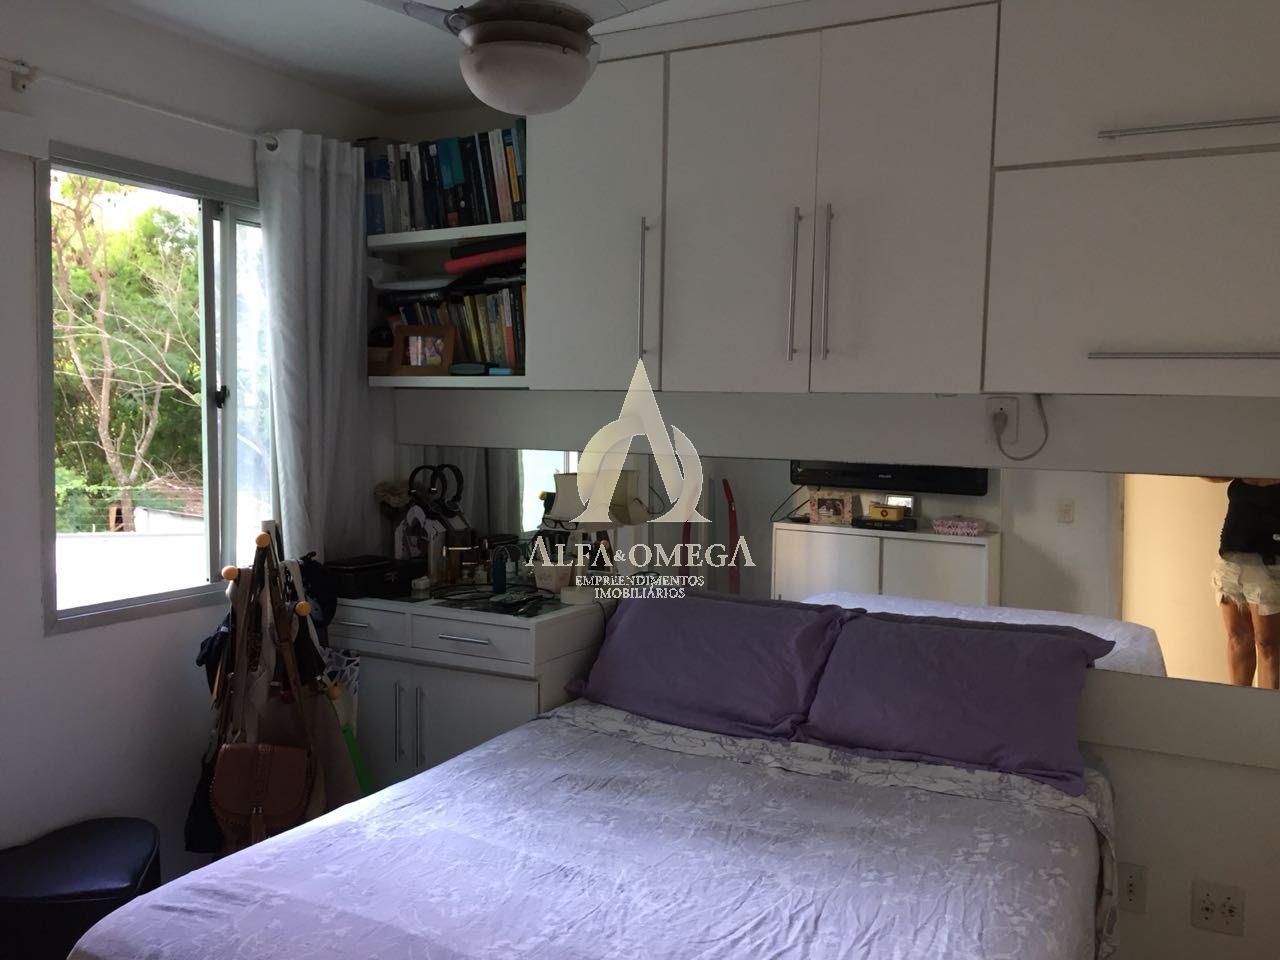 FOTO 12 - Apartamento 2 quartos para venda e aluguel Barra da Tijuca, Rio de Janeiro - R$ 770.000 - AOMH20321 - 13